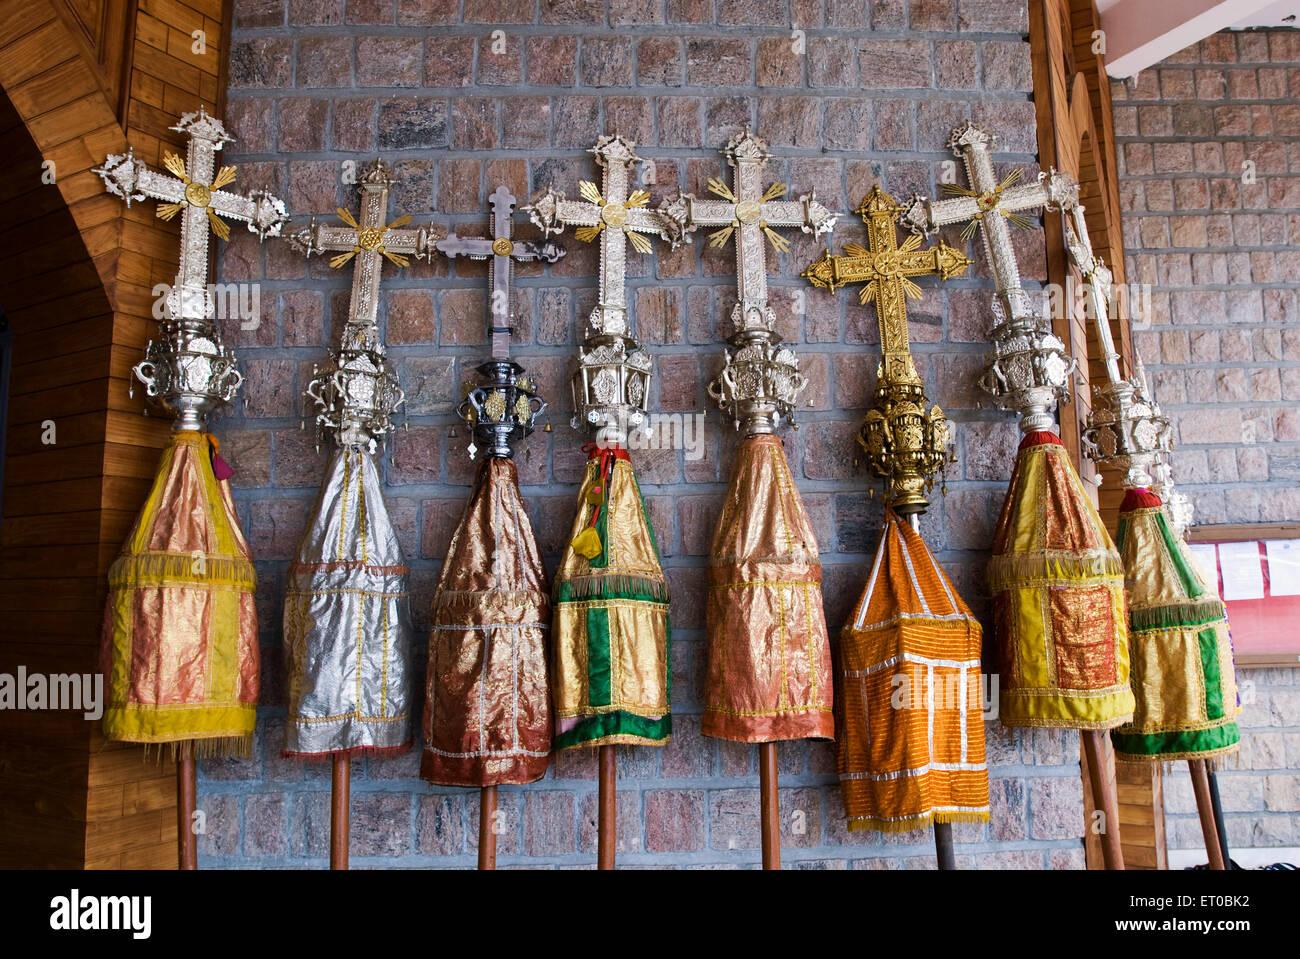 Kreuz mit bunten Sonnenschirmen während Saint George katholischen Forane syrischen Kirchtag am Angamally Kerala Stockbild